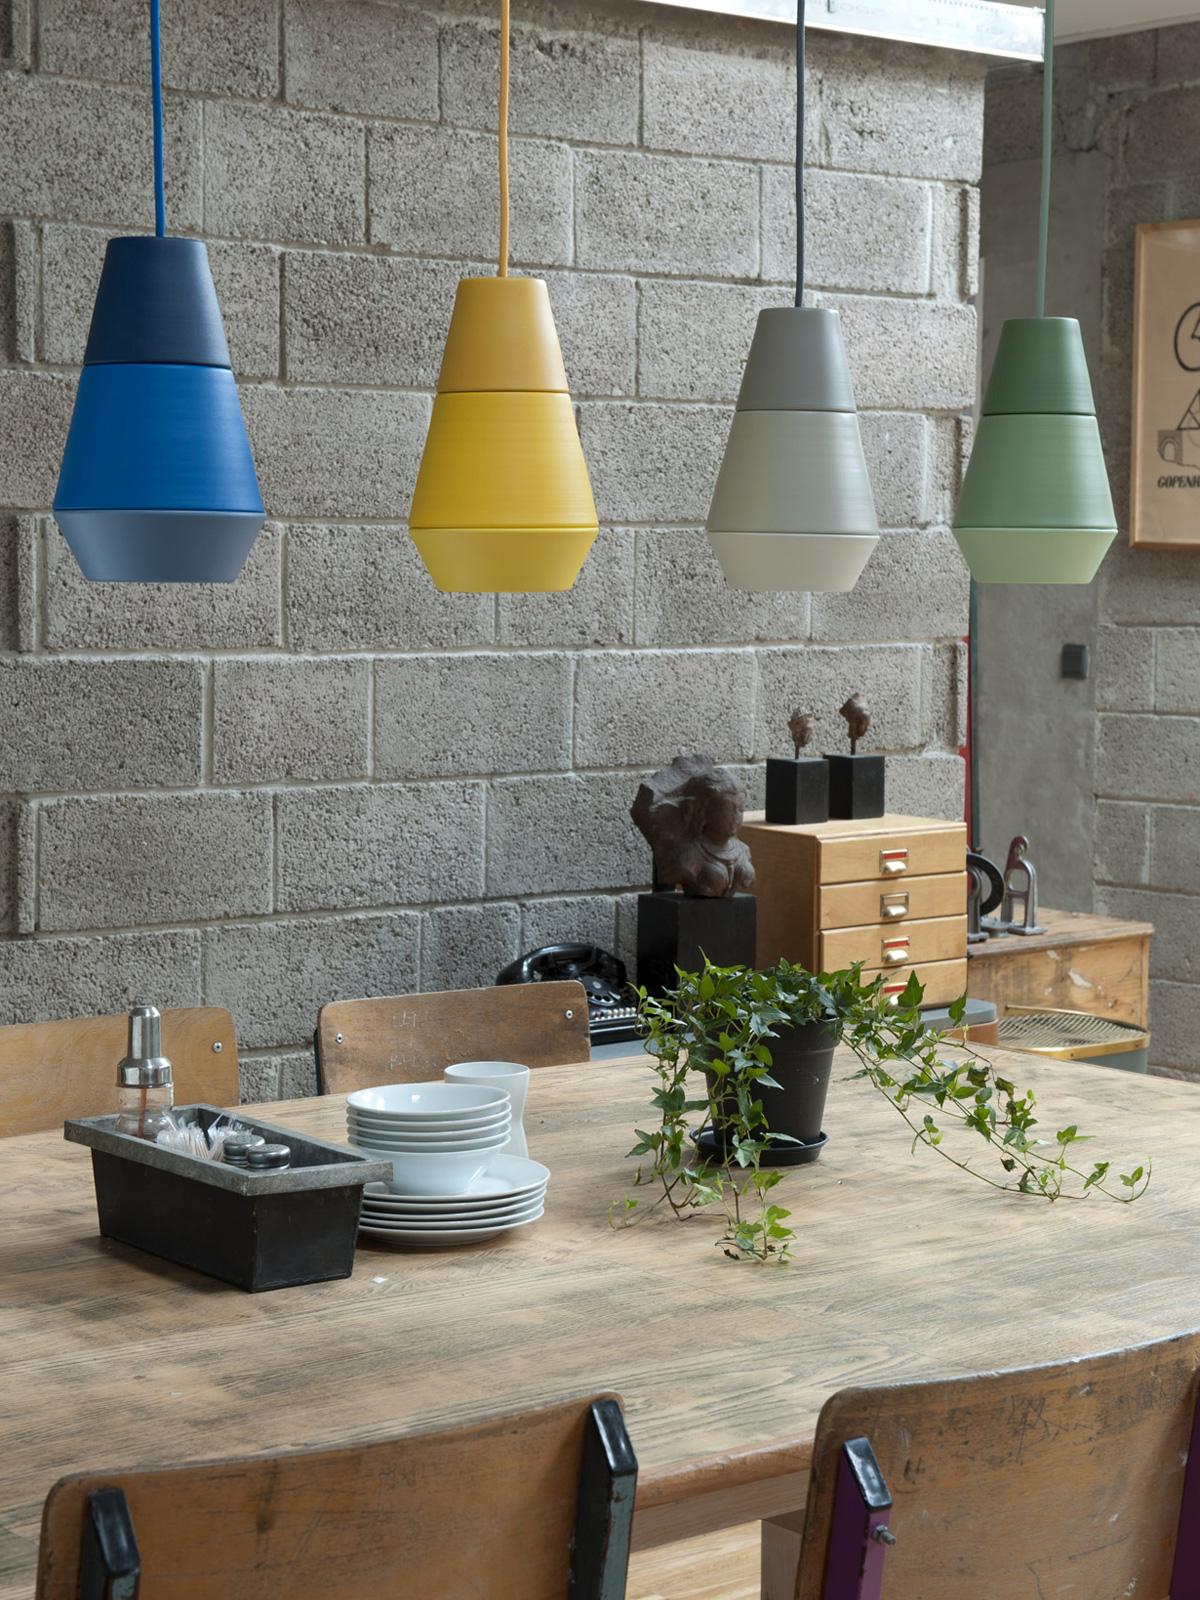 DesignOrt Blog: Esstischleuchten Modulare Systemleuchte ili ili Grupa products